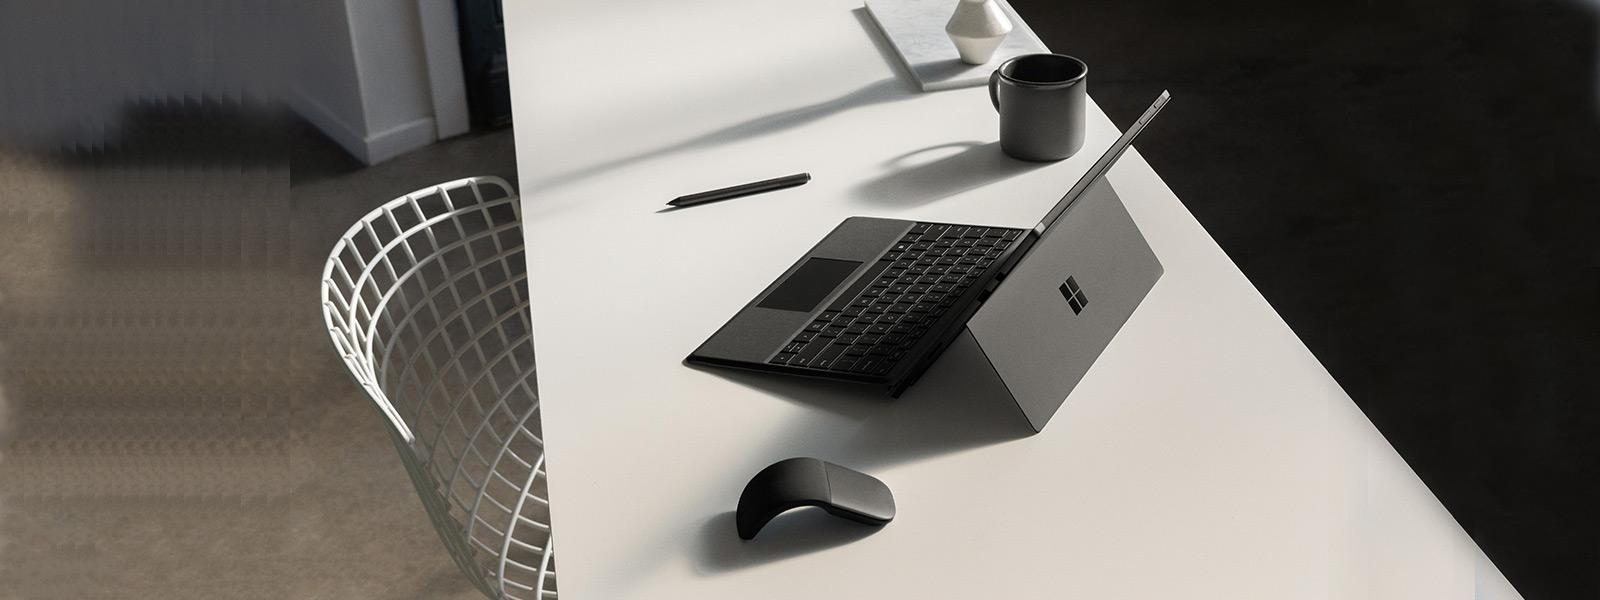 Surface Pro6 sur un bureau en mode Ordinateur portable avec clavier Surface Type Cover, stylet Surface et souris Surface Arc Mouse